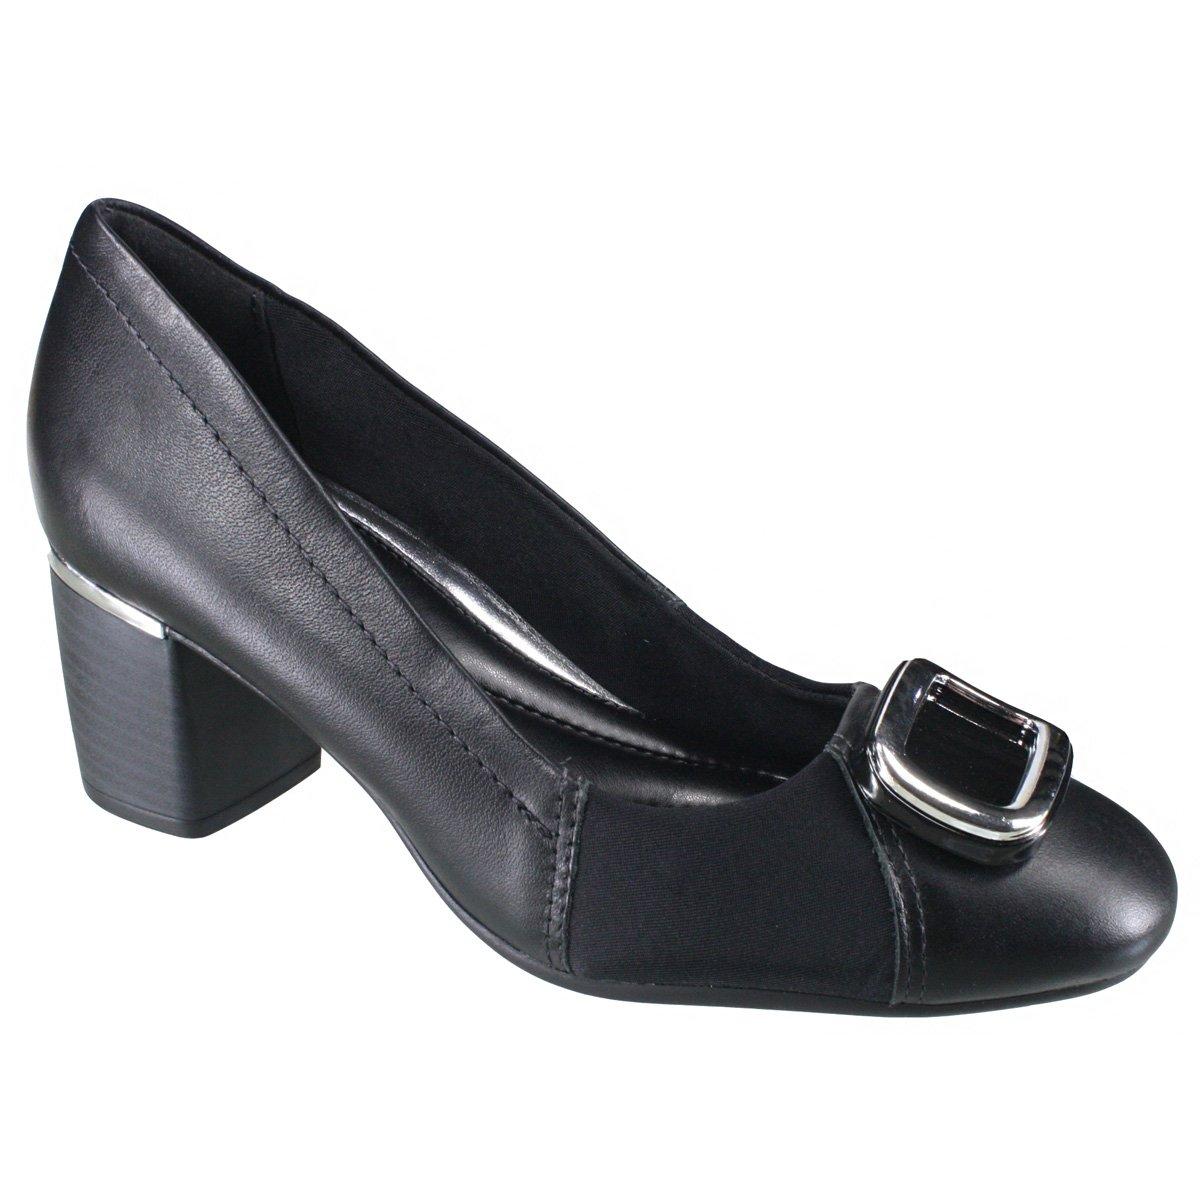 d3bcfeb0c Amplie a imagem. Sapato Feminino Comfortflex; Sapato Feminino Comfortflex  2; Sapato Feminino ...